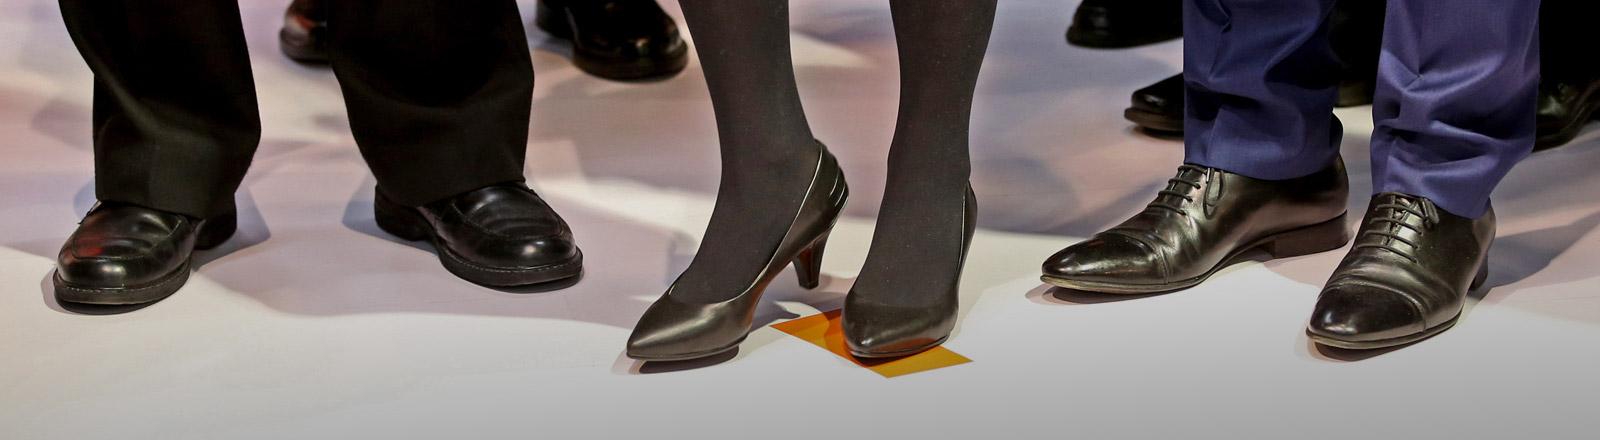 Füße einer Frau zwischen Männern